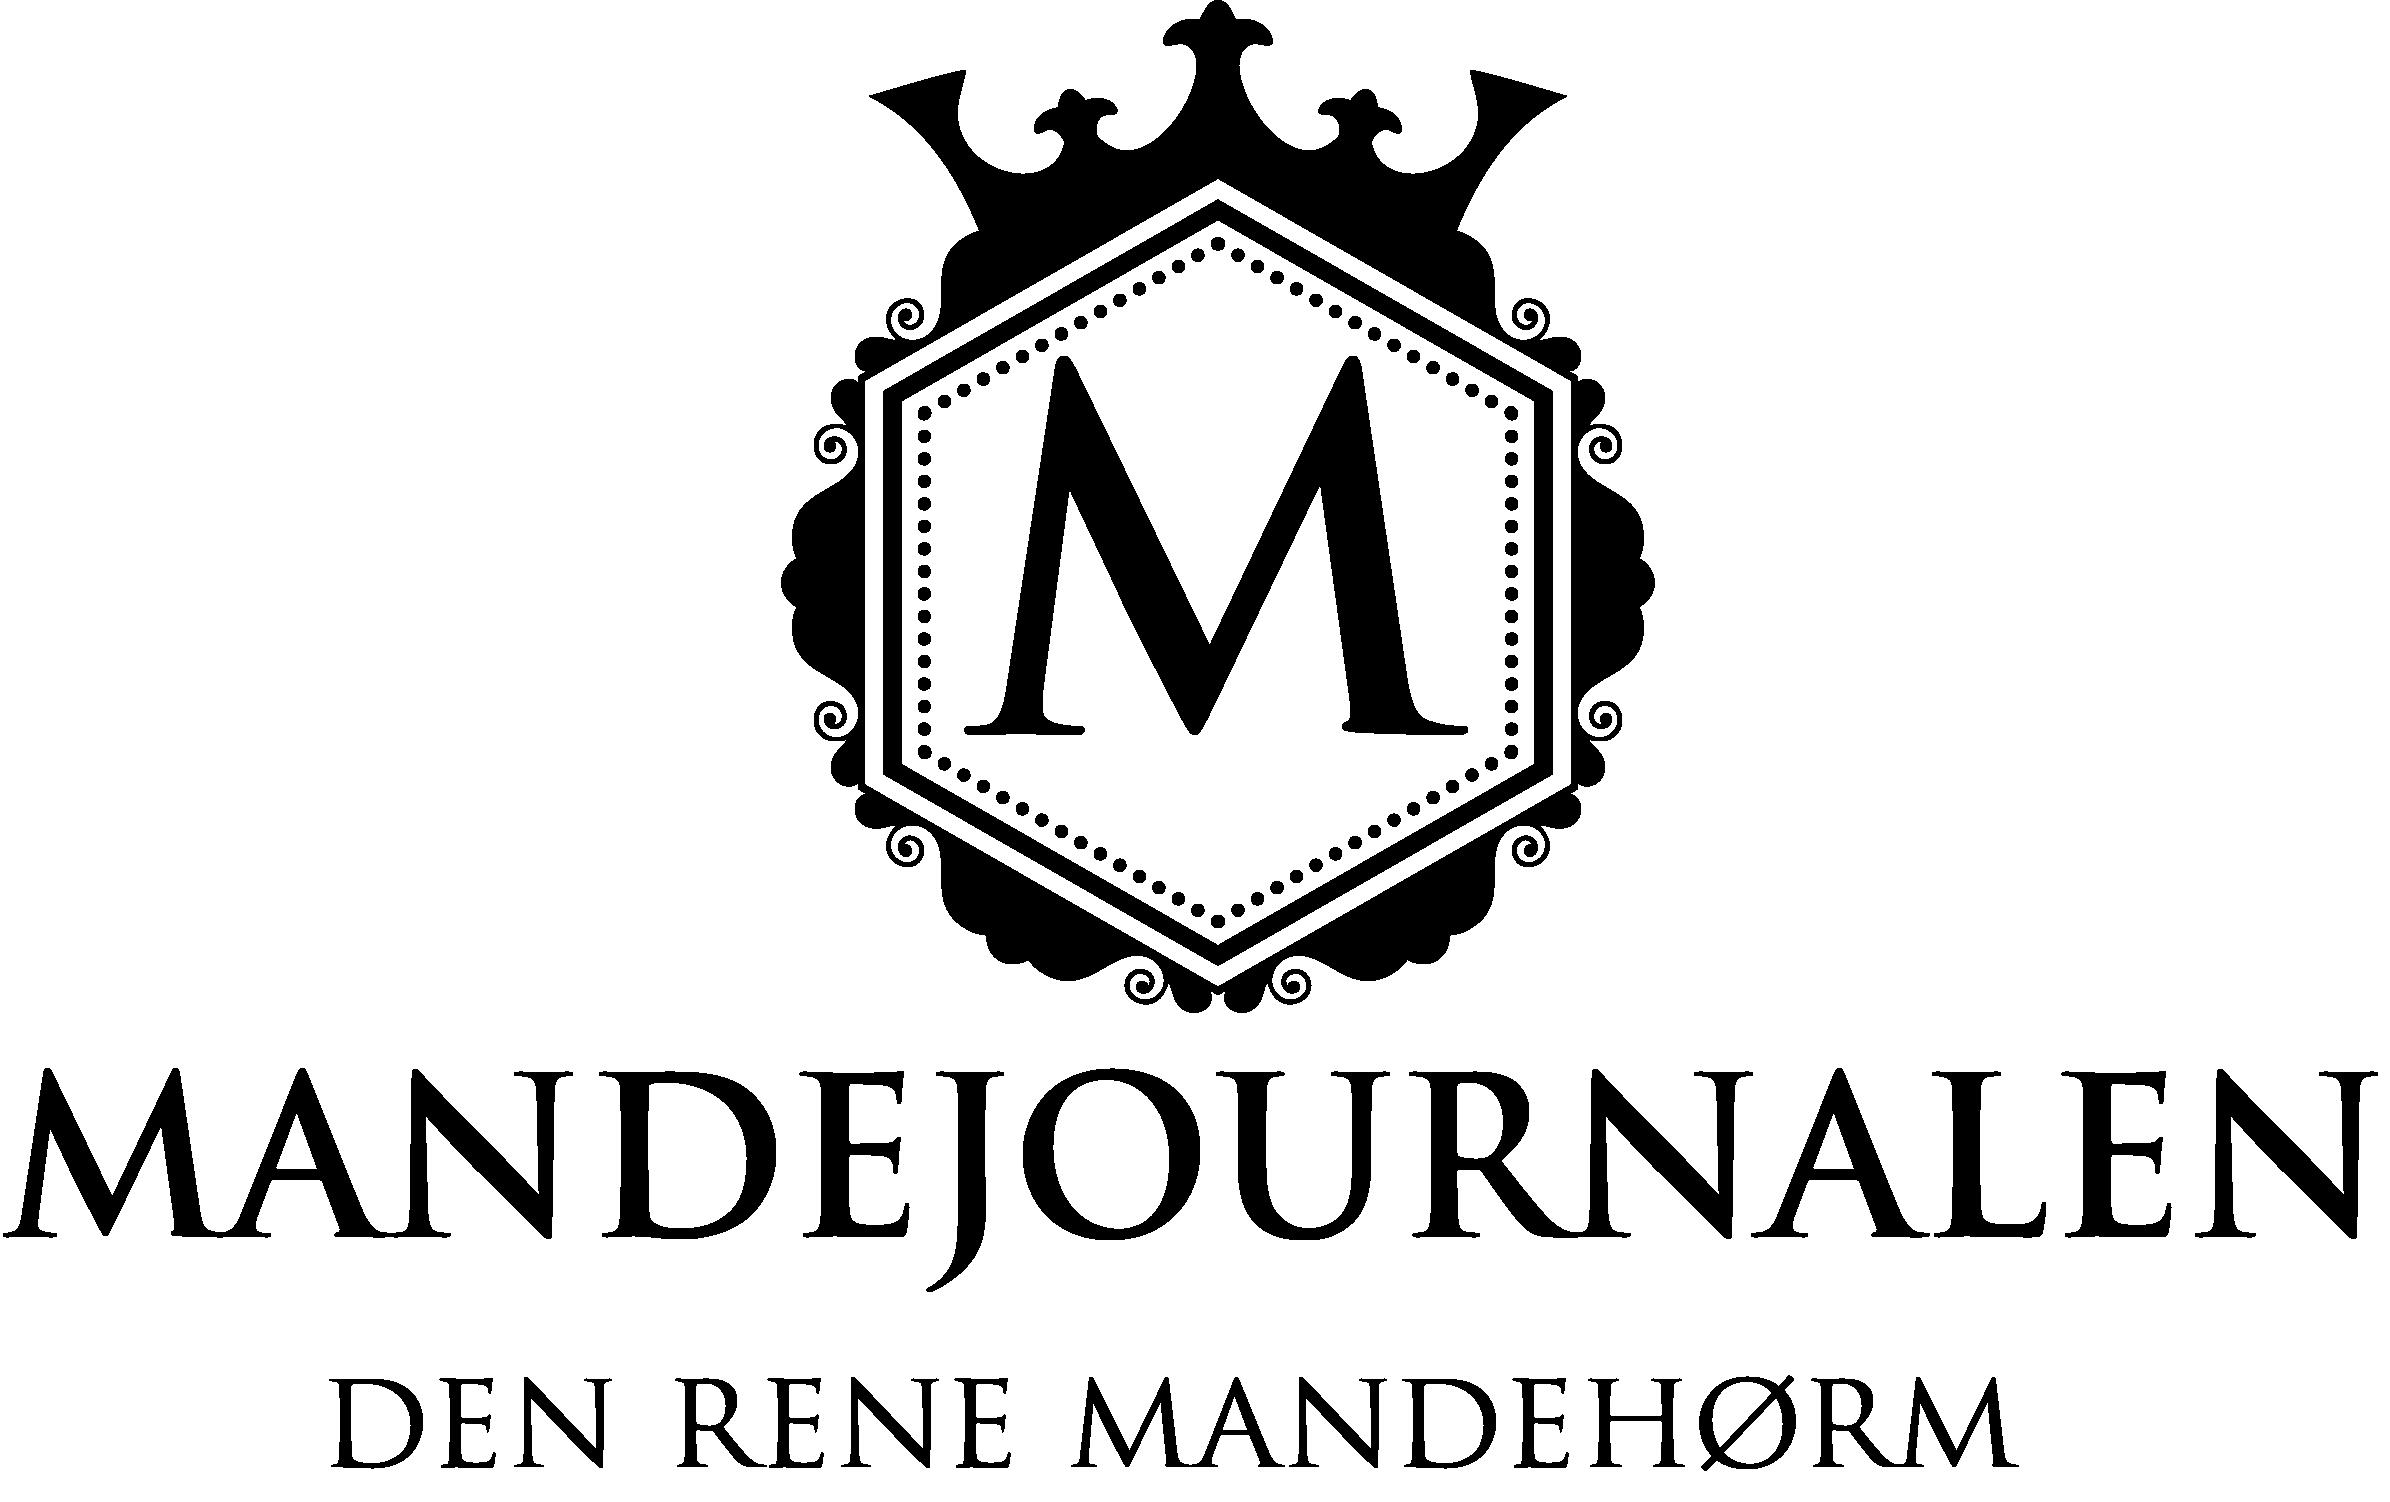 Mandejournalen - Den rene mandehørm